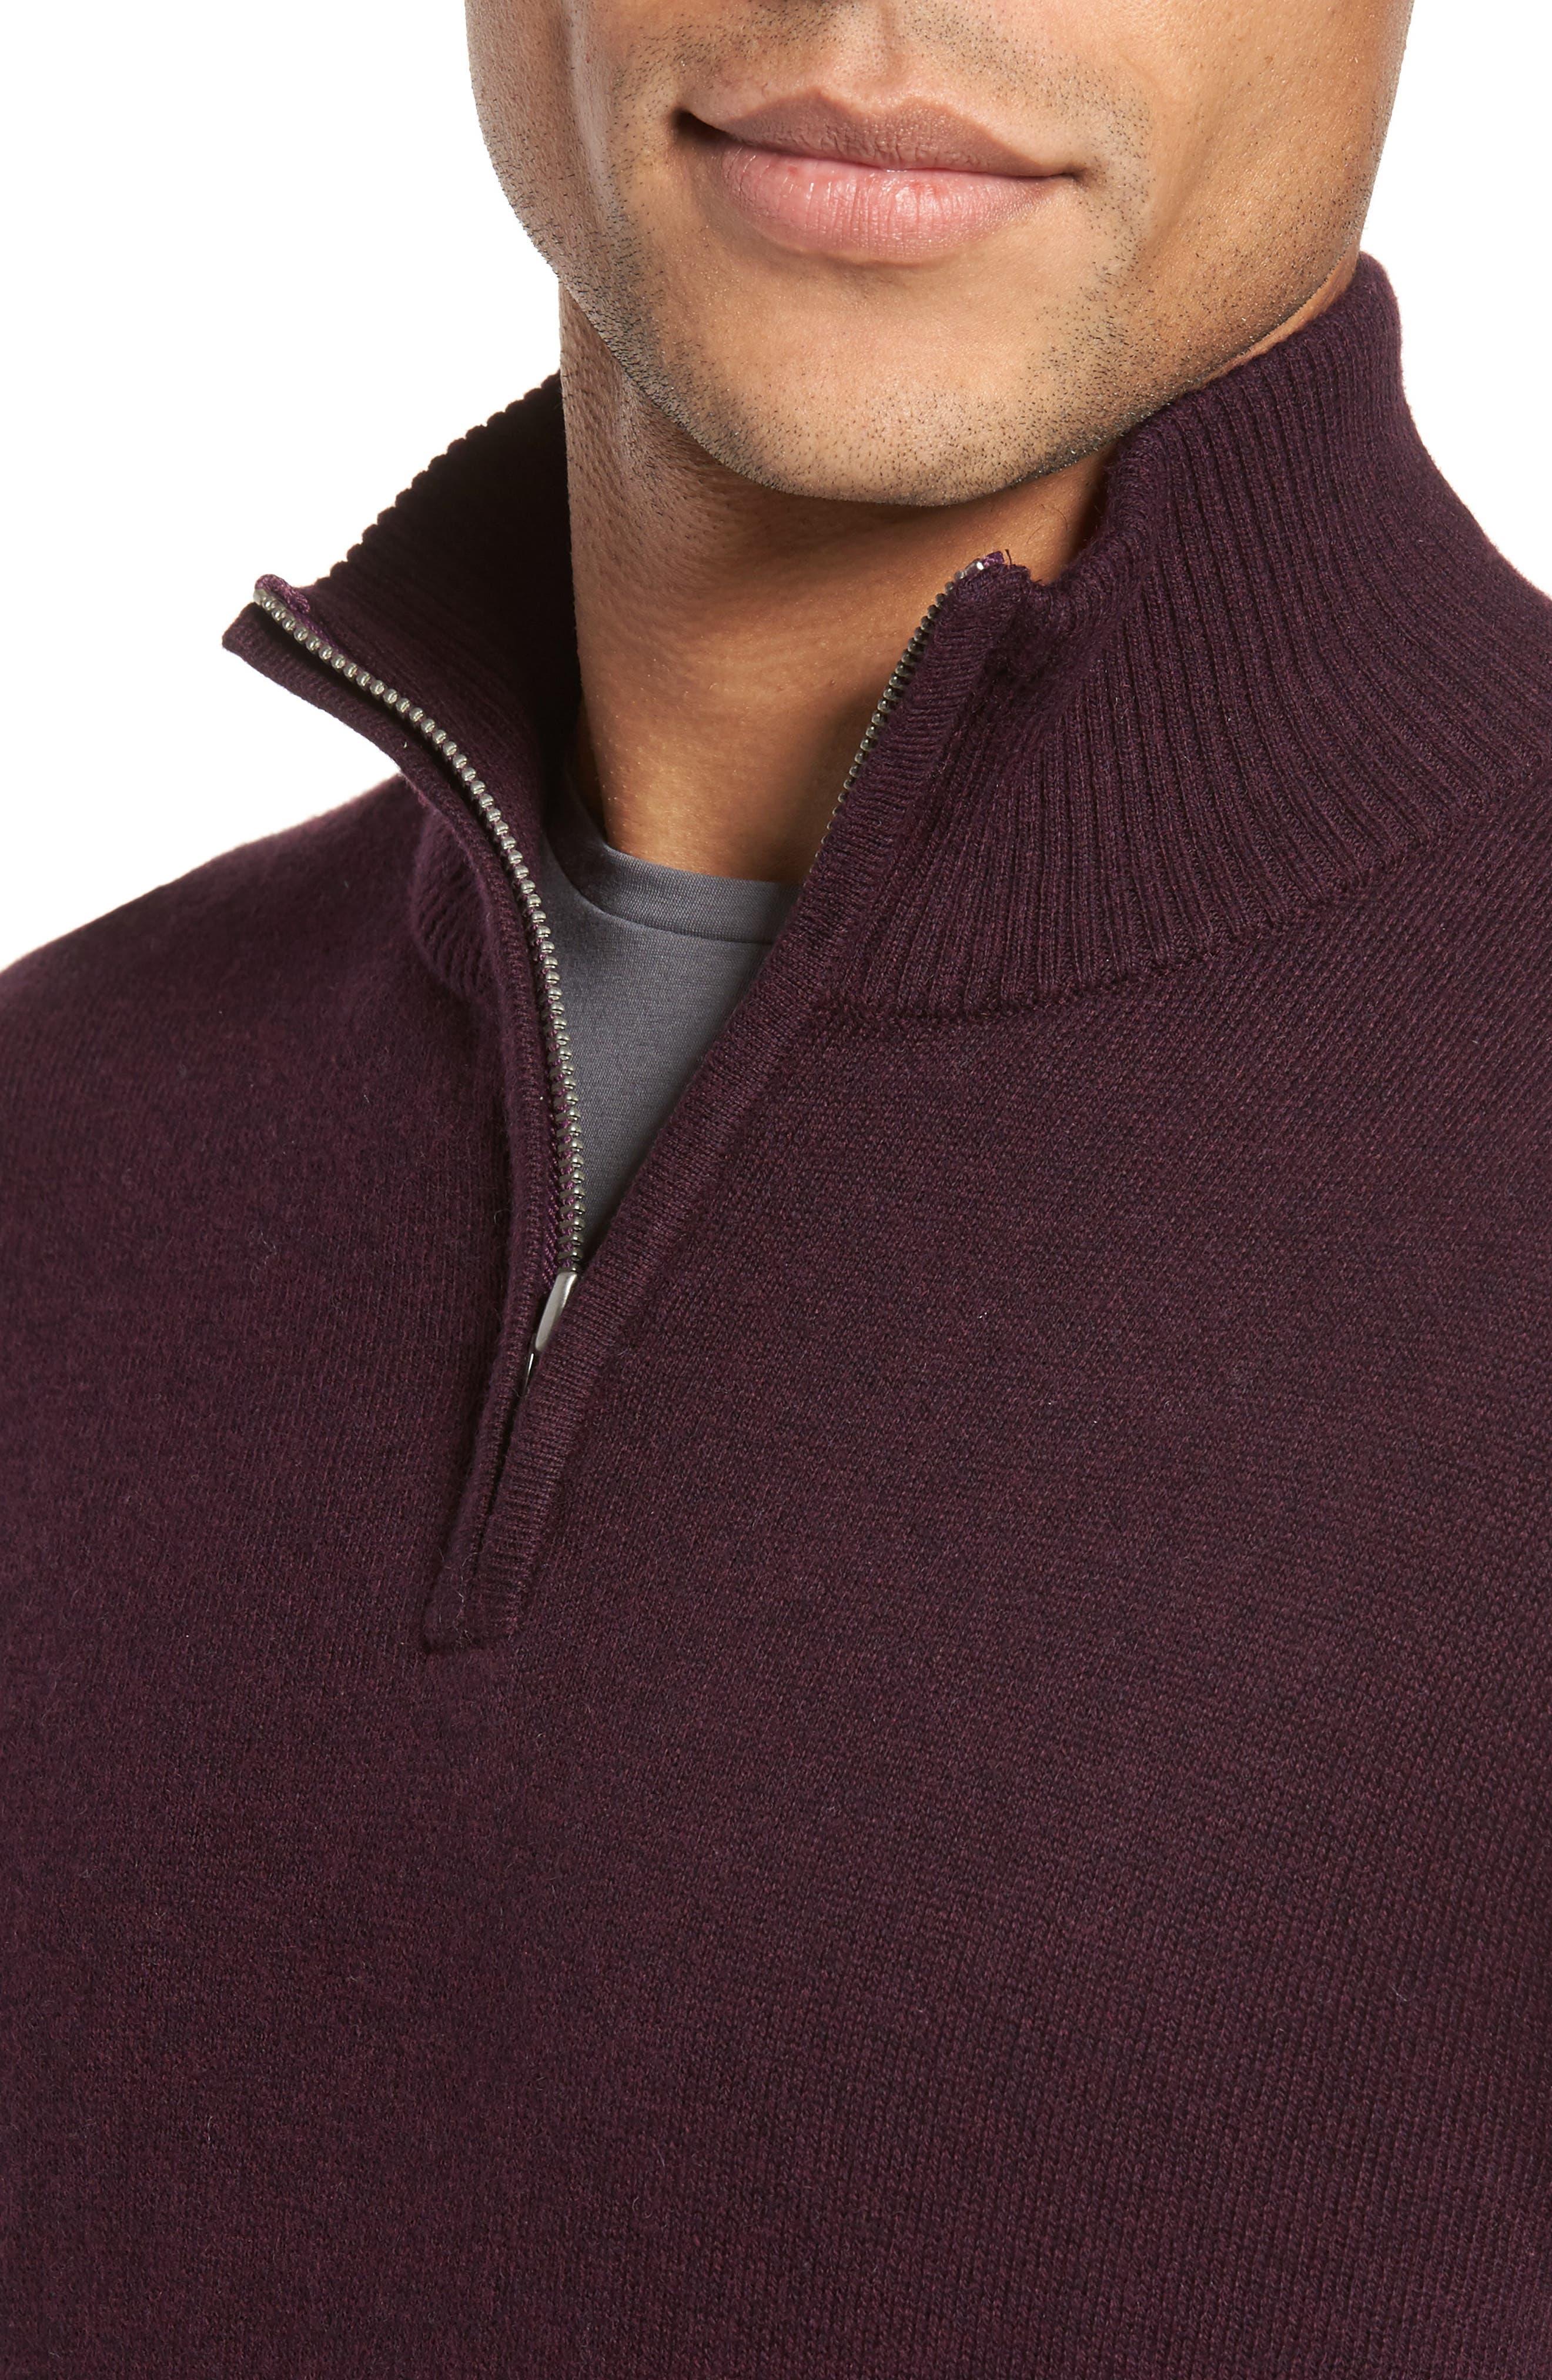 Cotton & Cashmere Quarter Zip Sweater,                             Alternate thumbnail 4, color,                             600